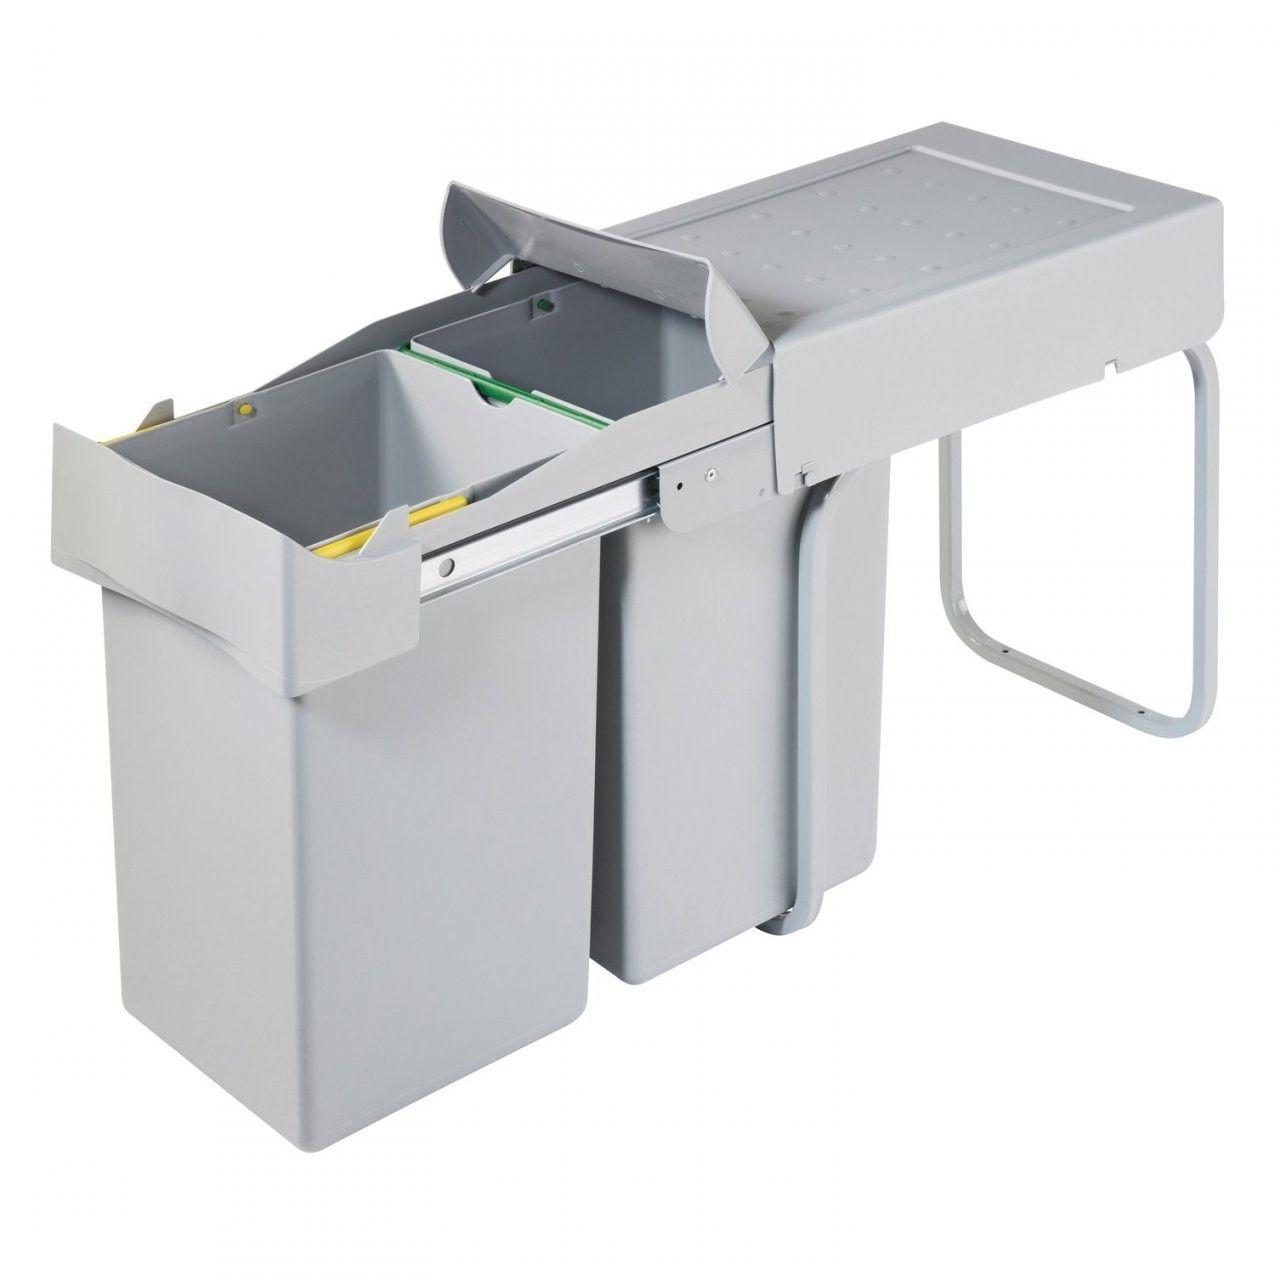 Obi Einbaumulleimer 2 X 14 L Kaufen Bei Obi Von Mulleimer Kuche Automatischer Auszug In 2020 Mulleimer Kuche Mulleimer Kuche Einbau Kuche